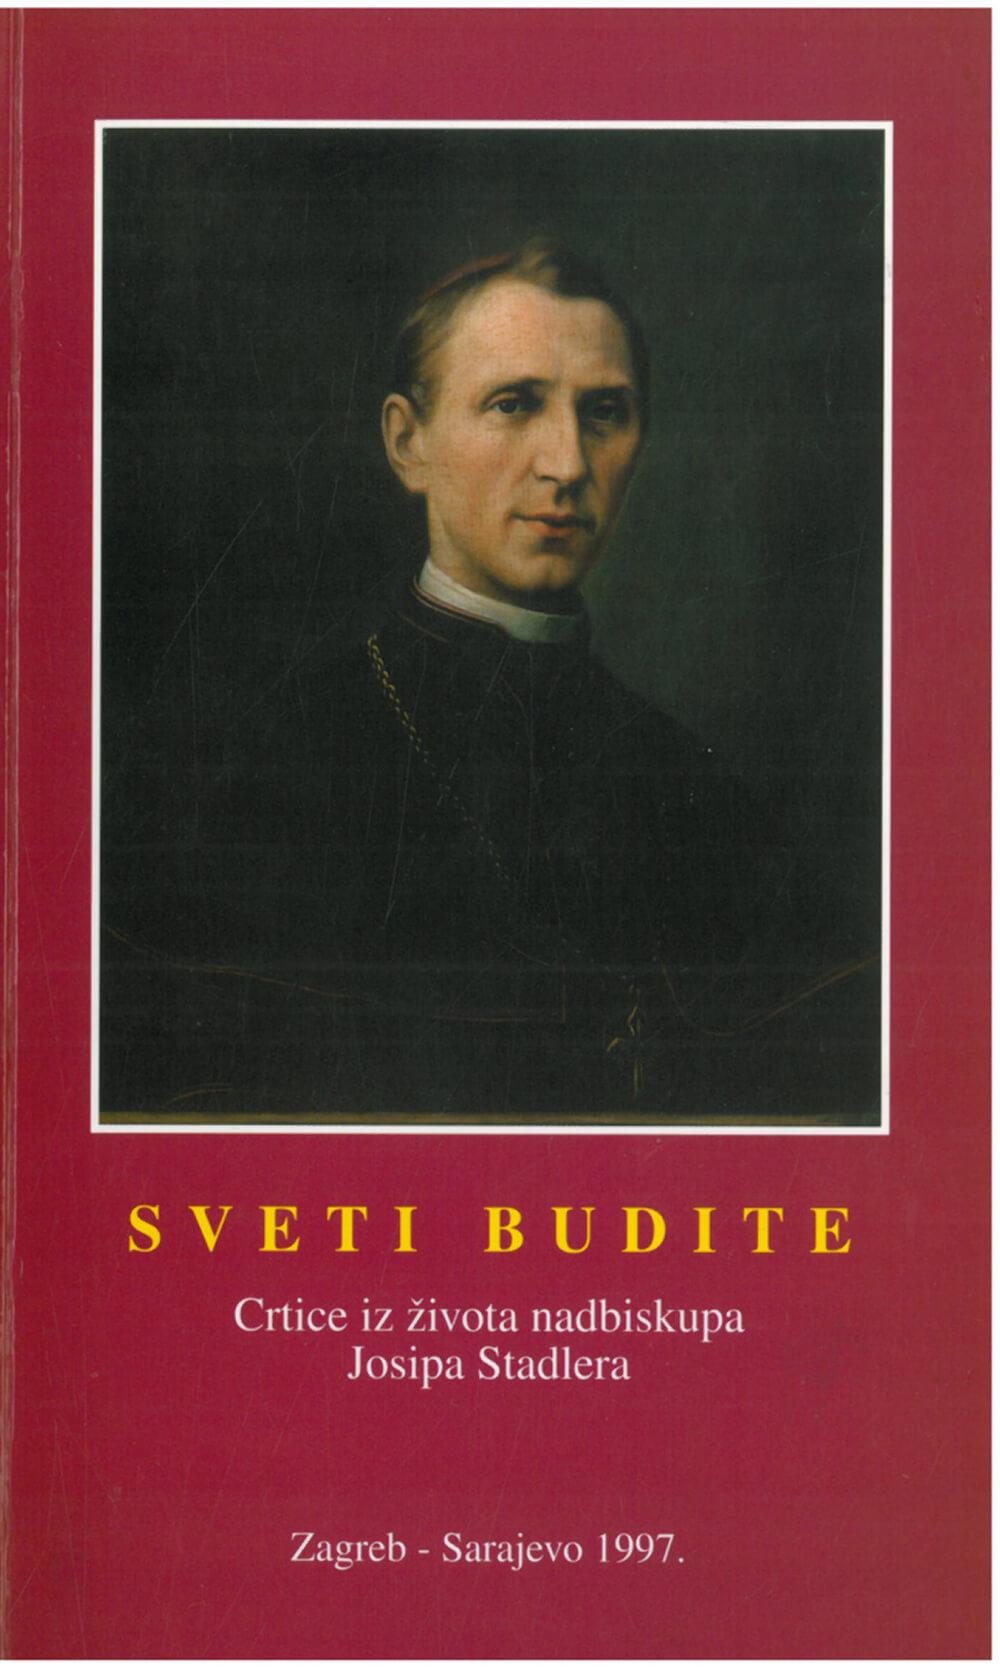 Sveti budite! Crtice iz života nadbiskupa Josipa Stadlera